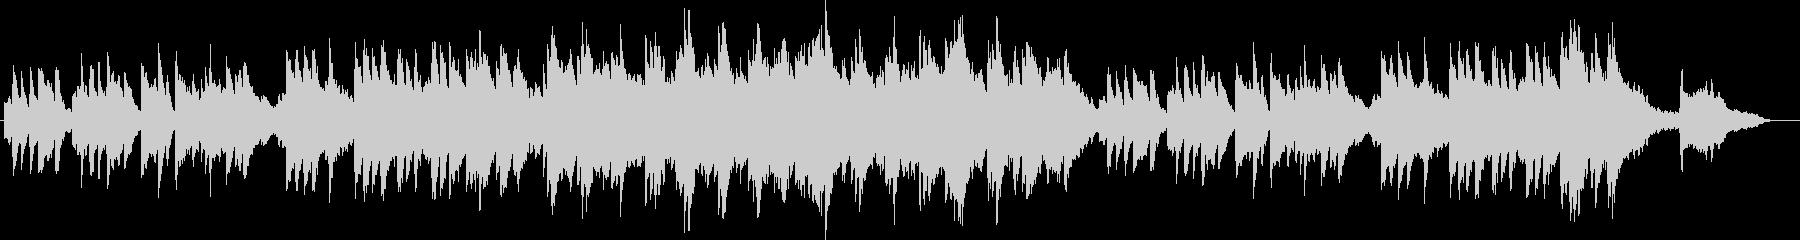 上品でしっとりとした皇室用ピアノbの未再生の波形